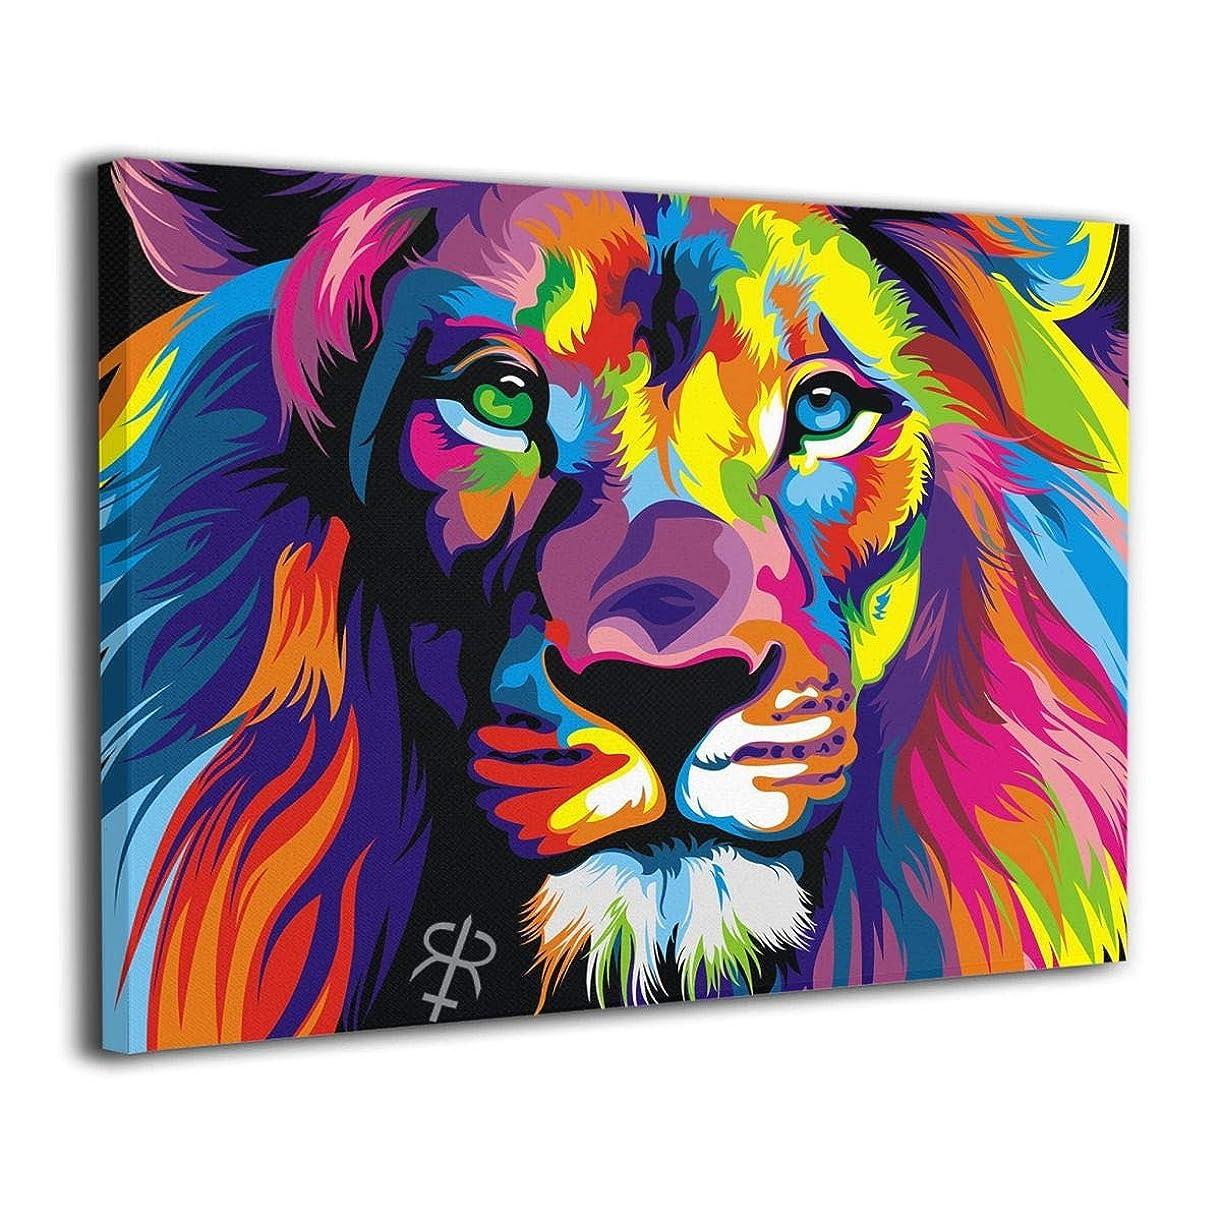 ステップ可能にする杭カラフル ライオン 絵画 美術イラスト 横50*縦40cm